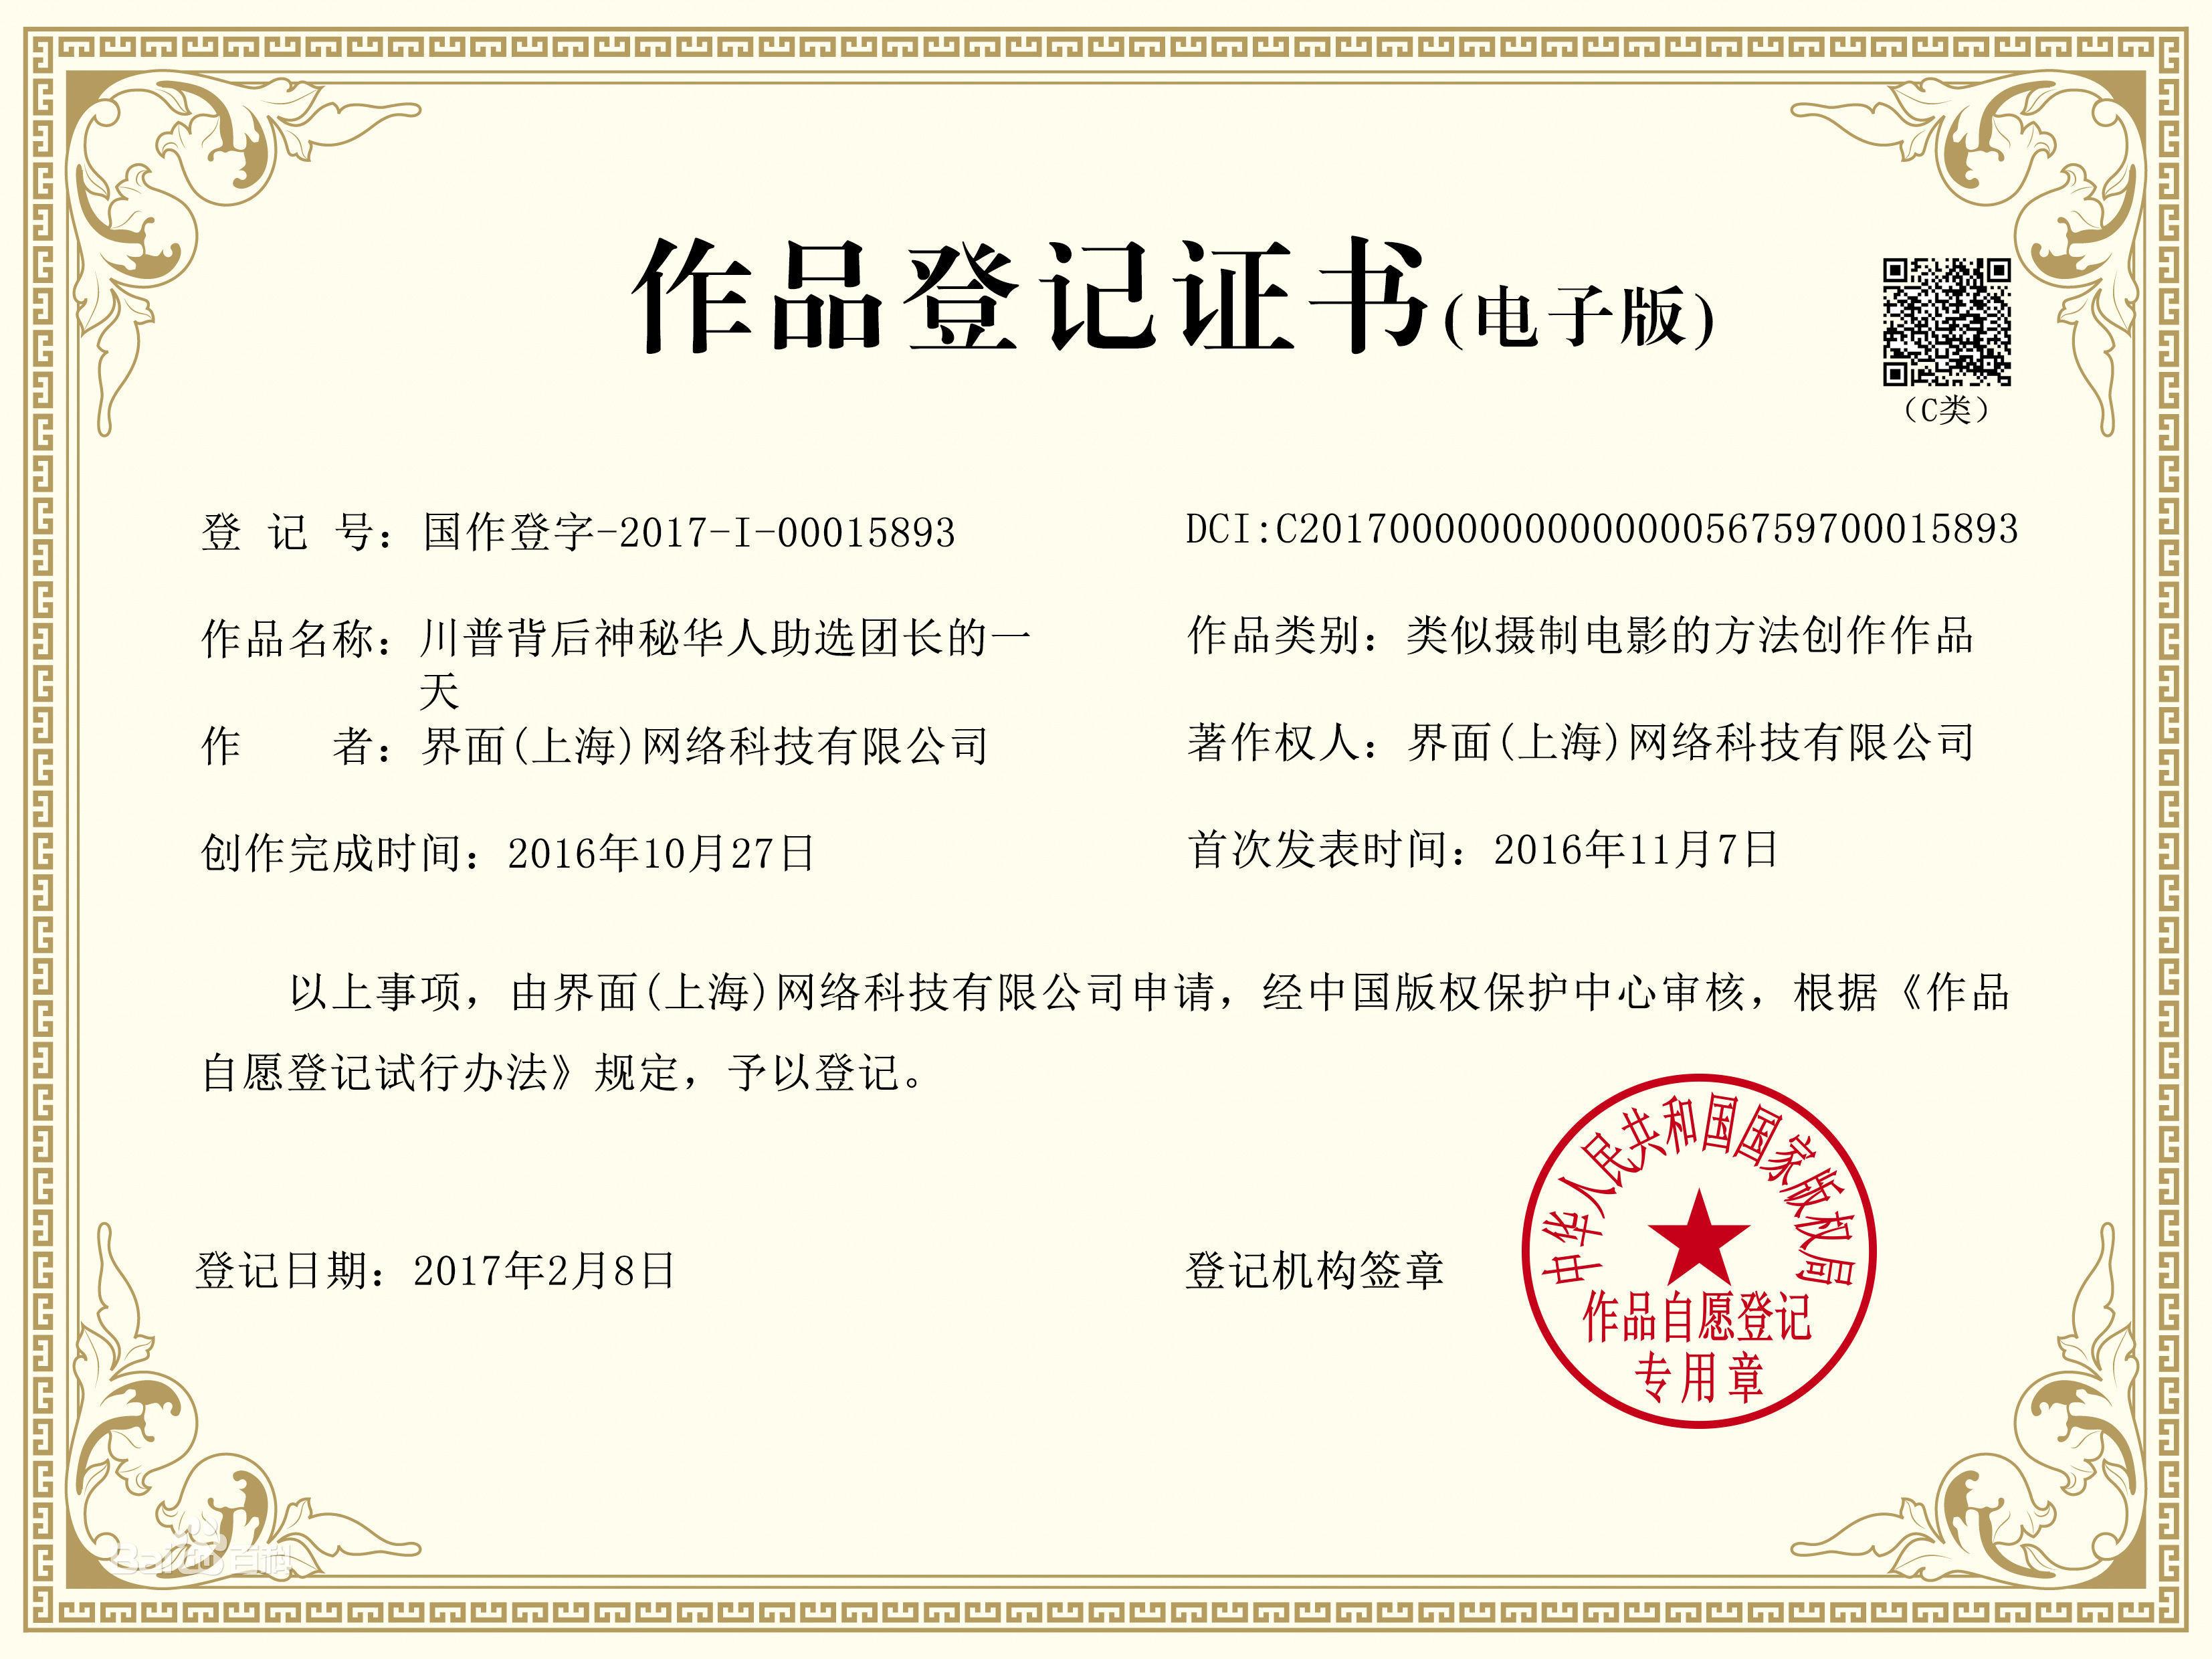 界面的作品登记证书.jpg